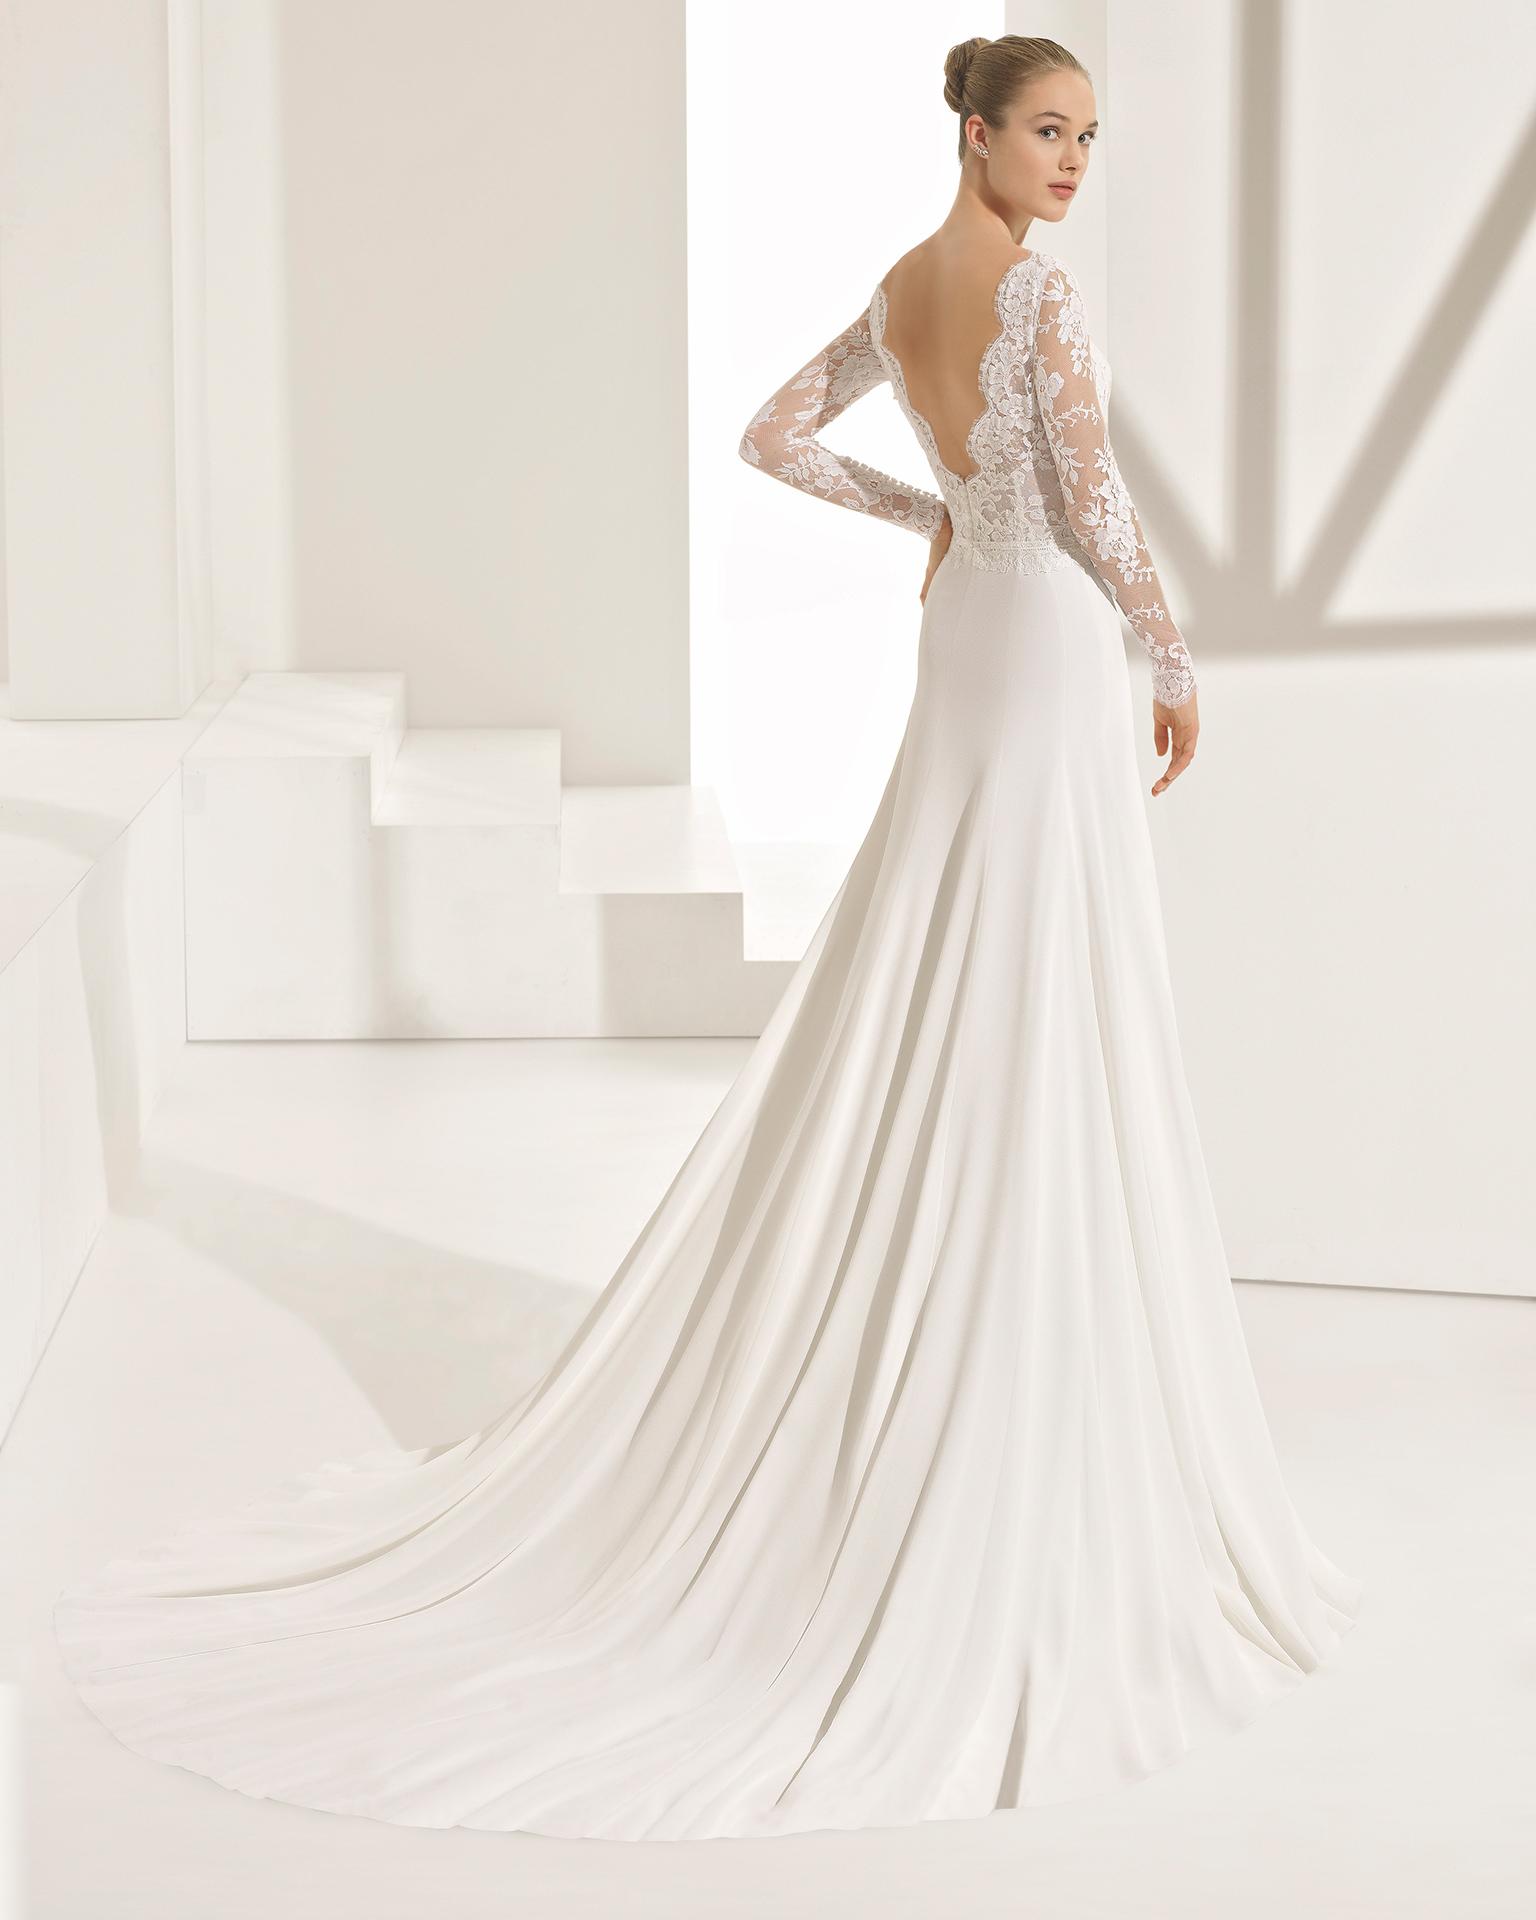 PASCAL - sposa 2018. Collezione Rosa Clará Couture 7f1837eb682